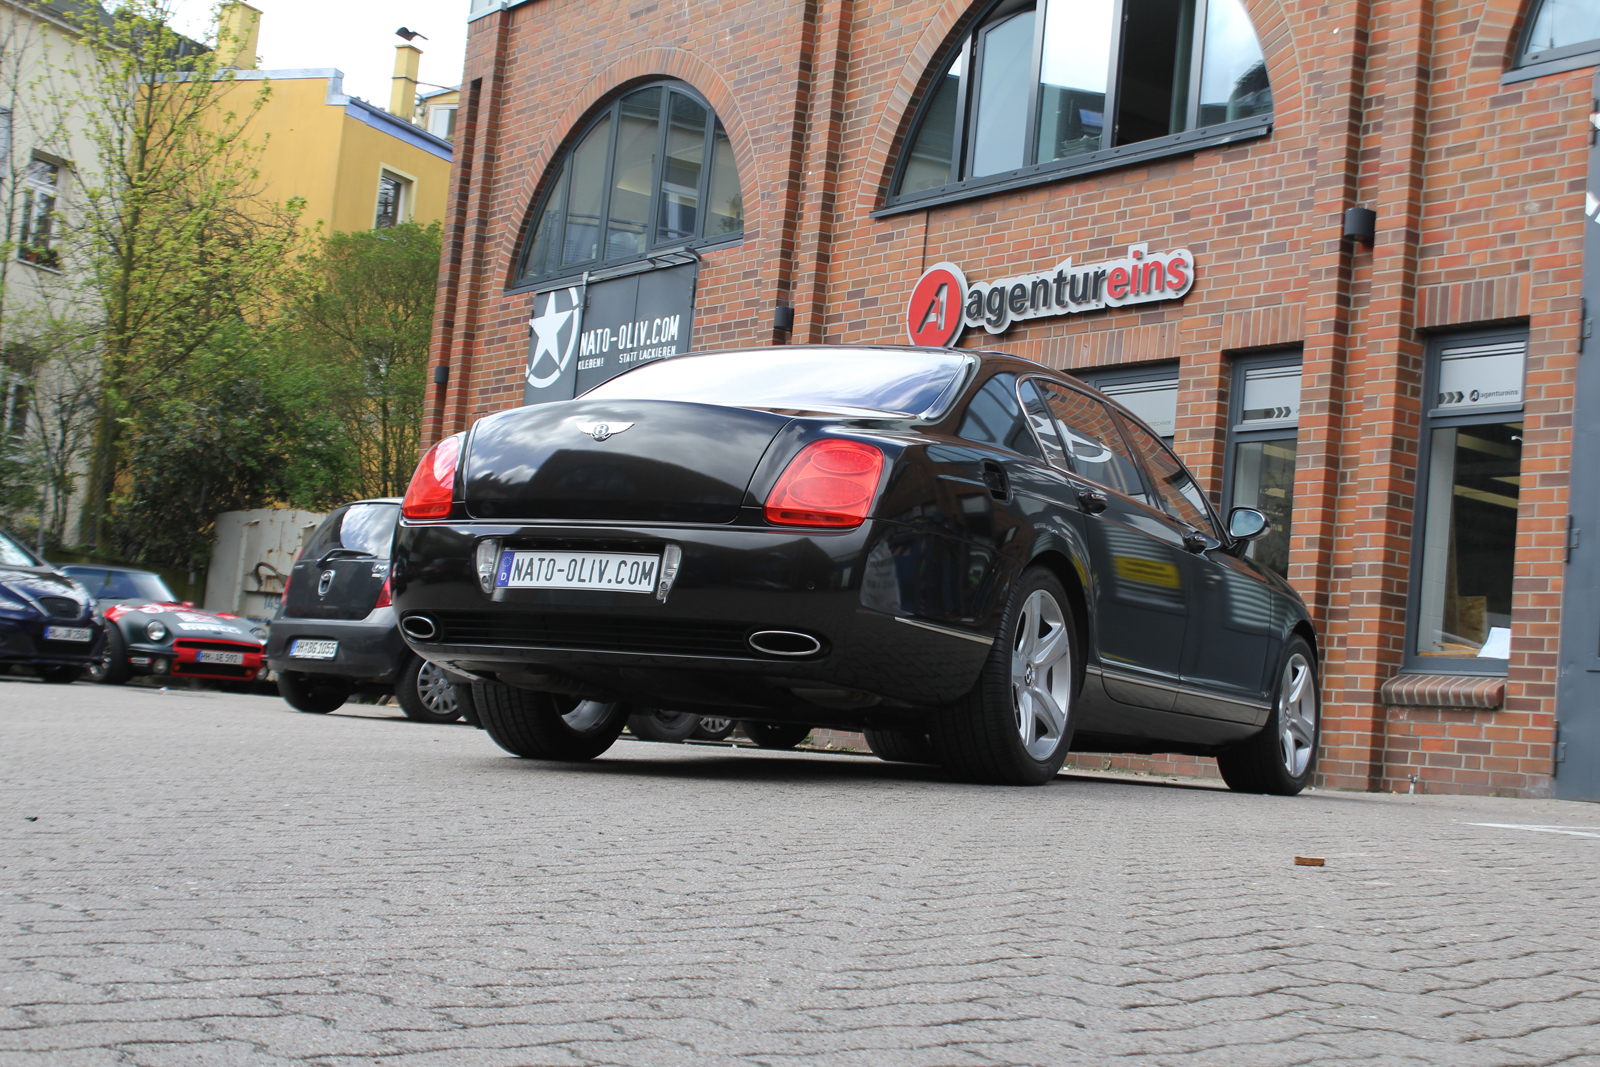 schraege Heckansicht des Bentley Continental mit Folie in schwarz metallic glanz beklebt